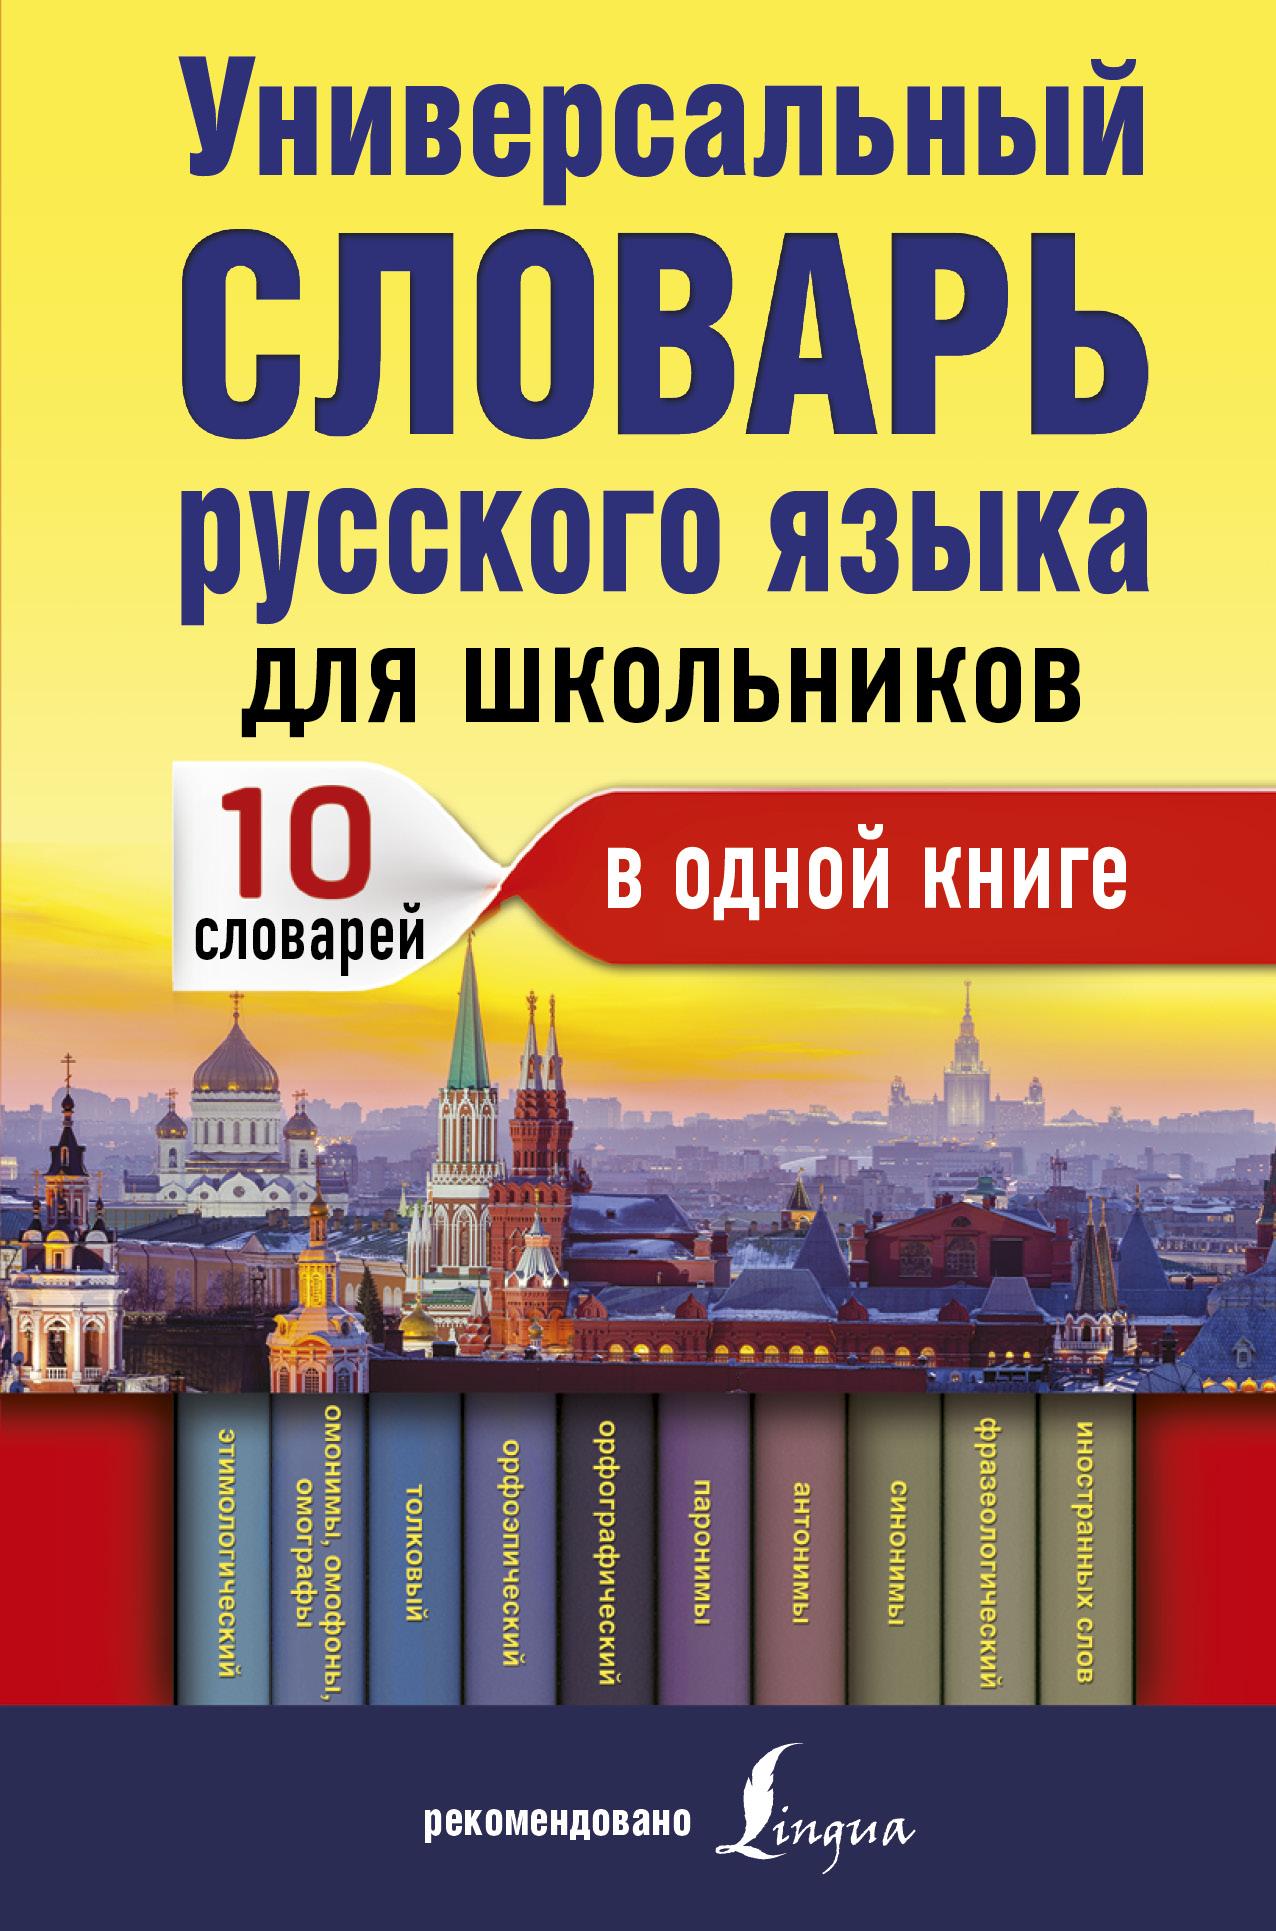 Ю. В. Алабугина Универсальный словарь русского языка для школьников. 10 словарей в одной книге